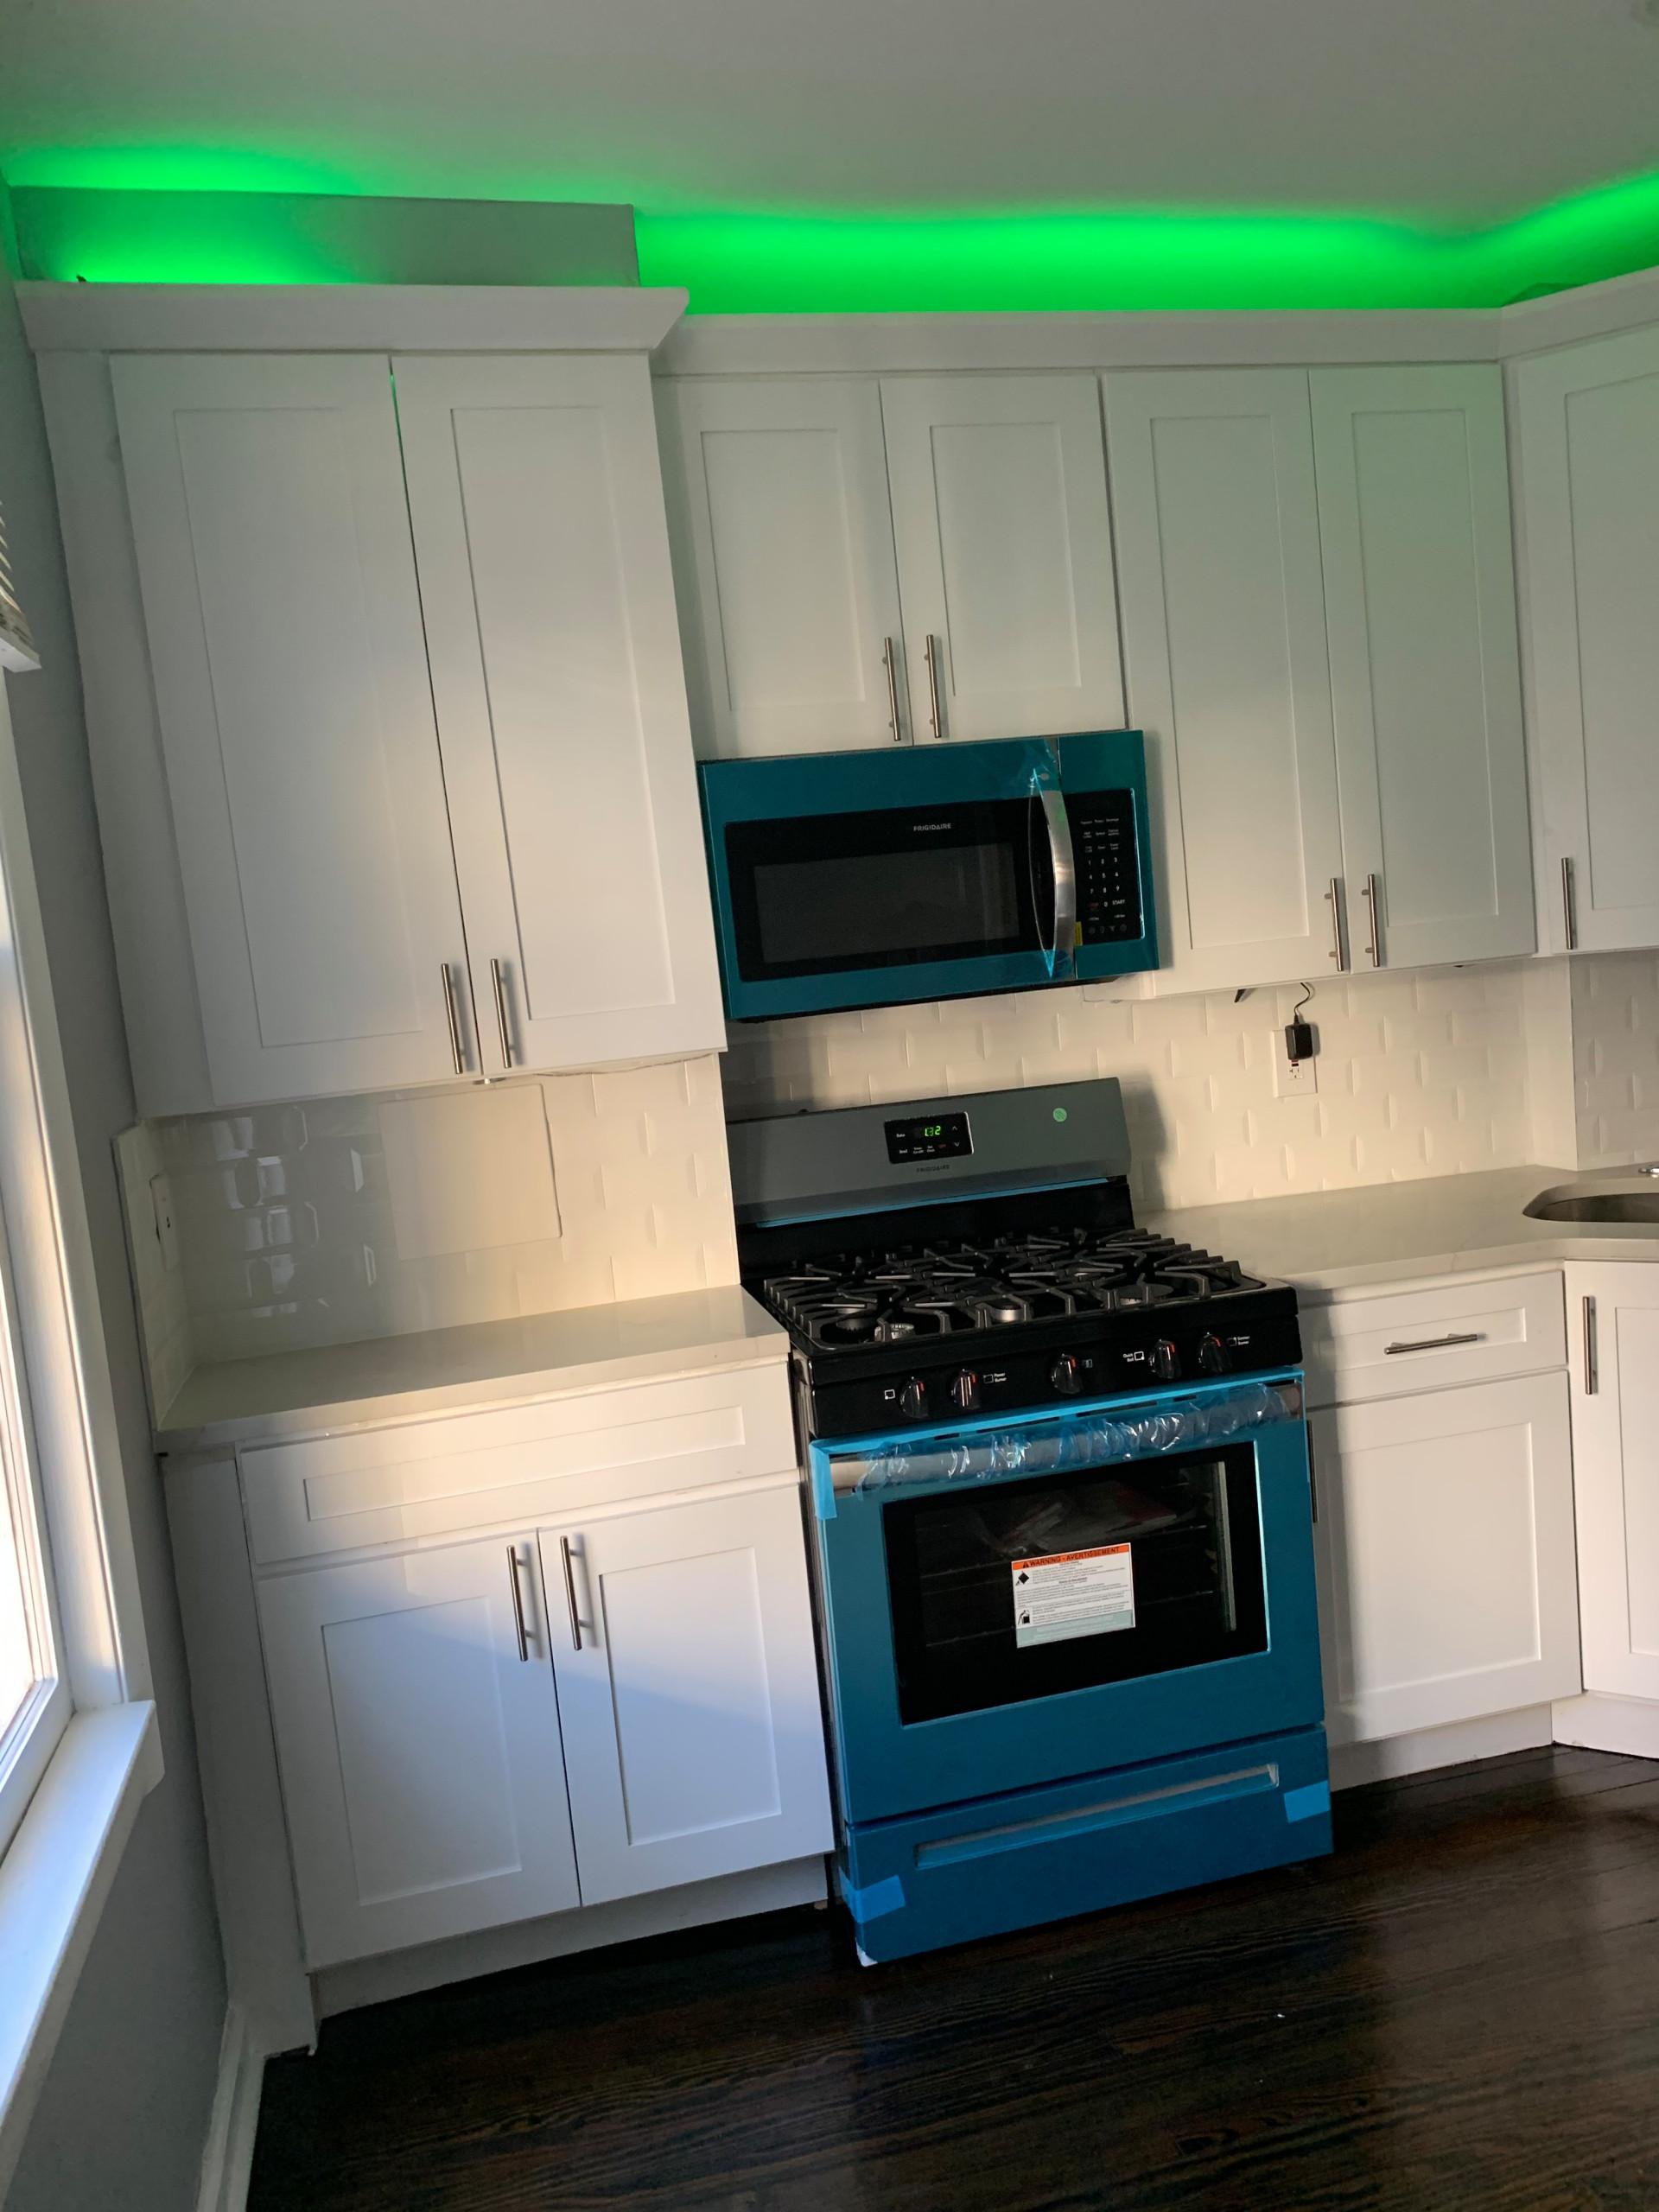 Cove Lit Kitchen